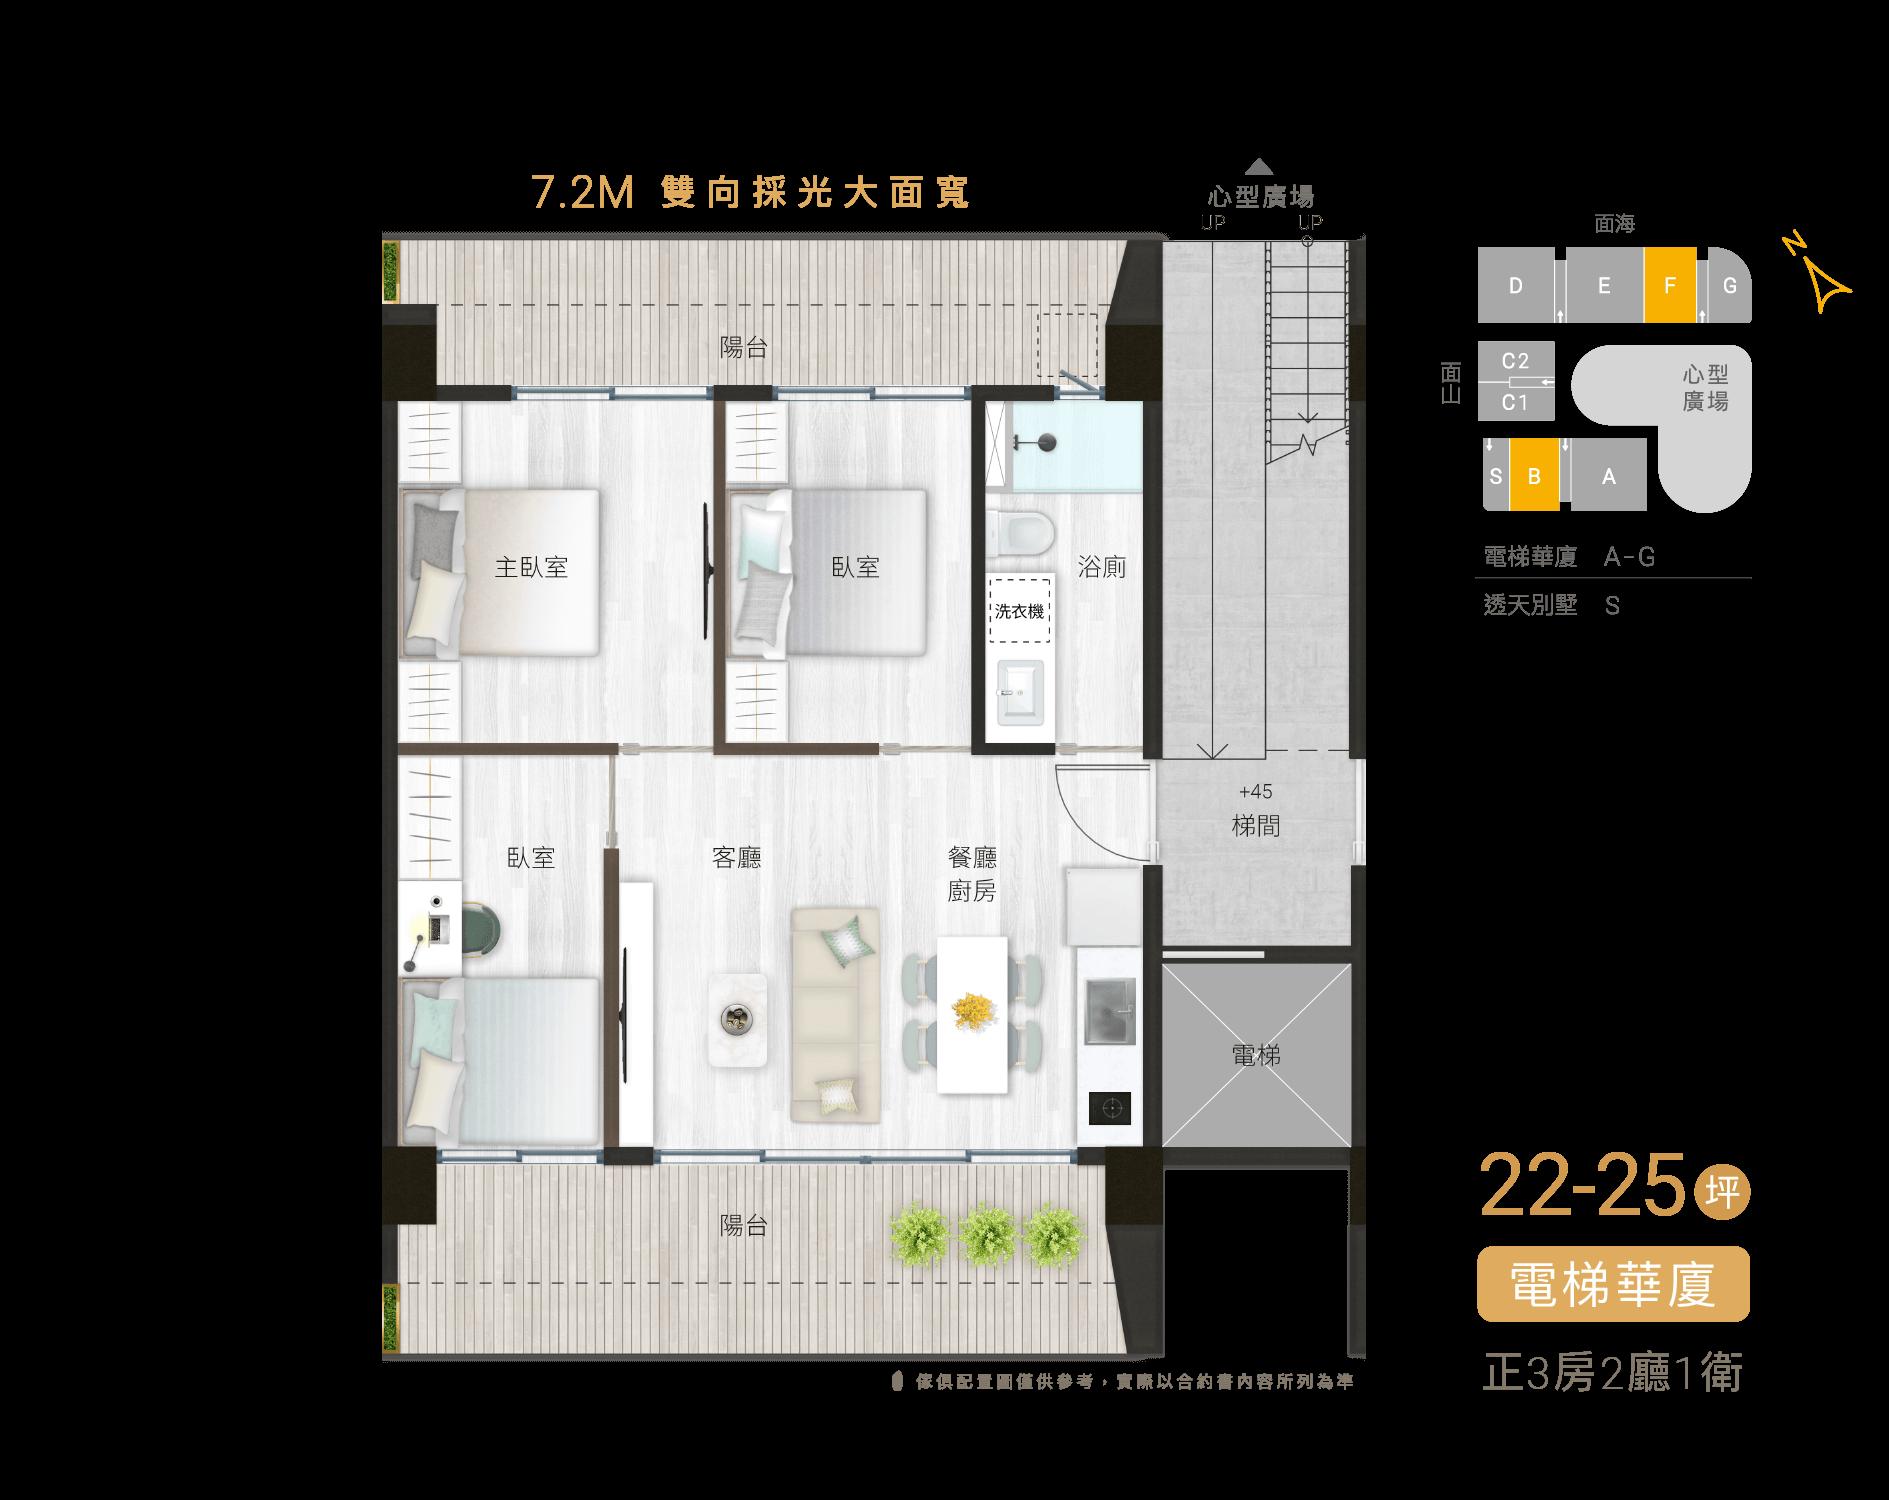 宜蘭德築建設,築米建案低公設比,電梯華廈格局適合小家庭